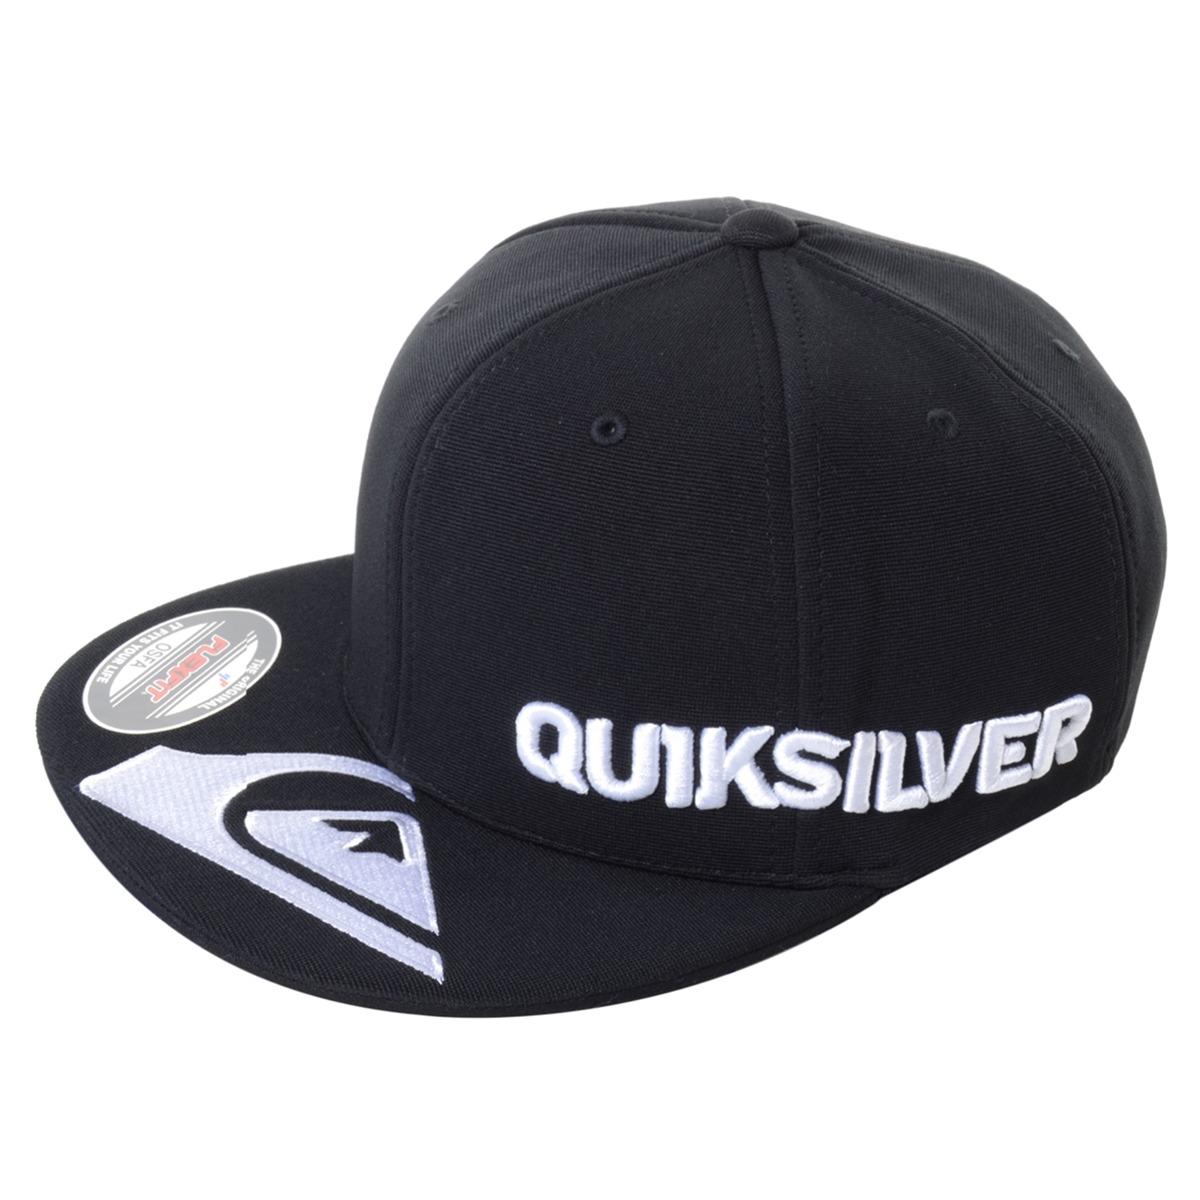 boné quiksilver peak emb - cor  preto - único. Carregando zoom. 24e6d54cafd